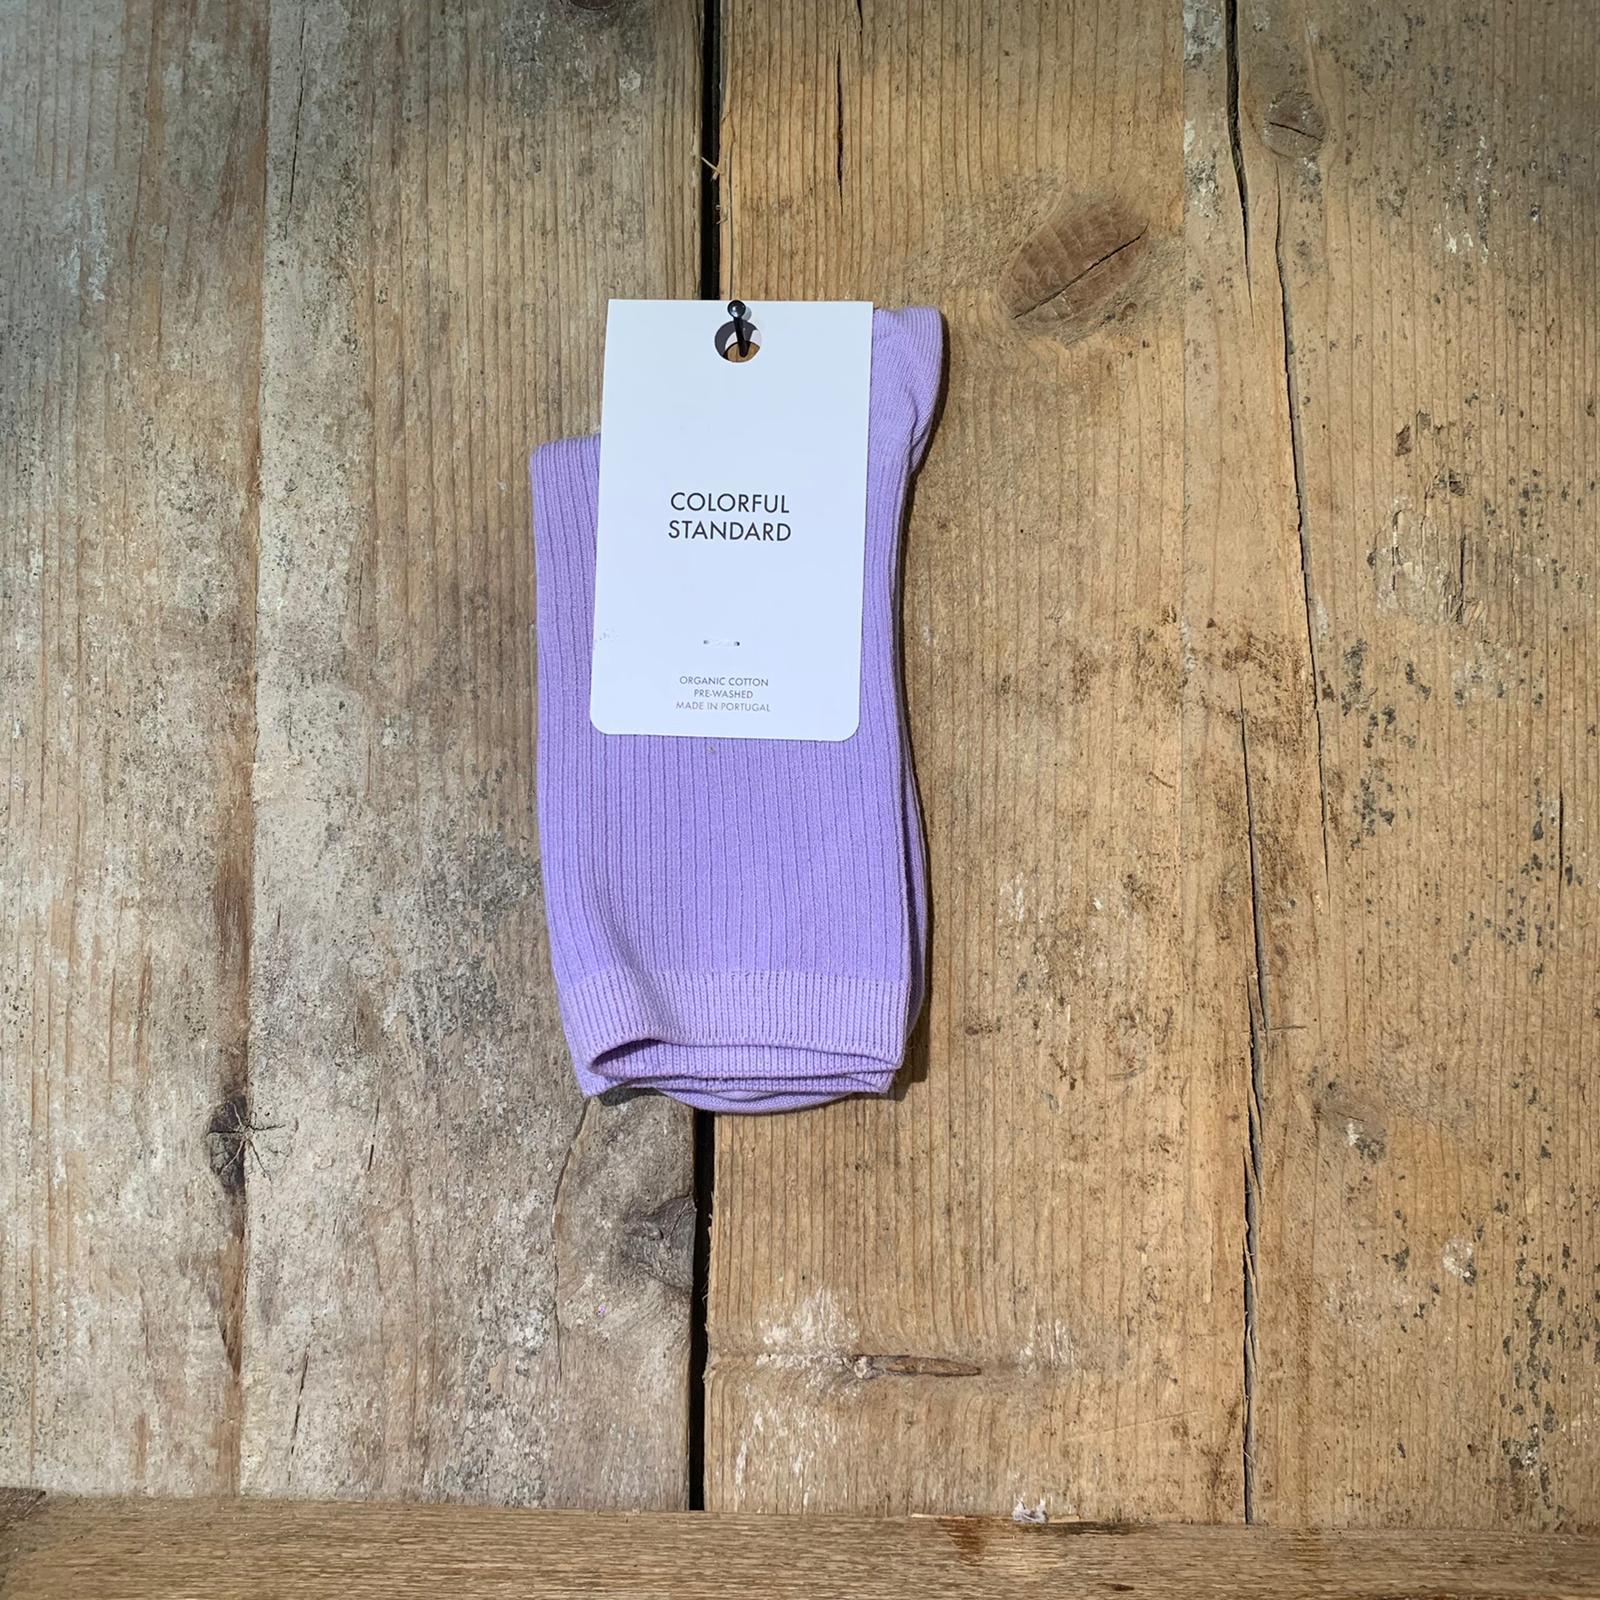 Calzino Colorful Standard in Cotone Organico Lilla